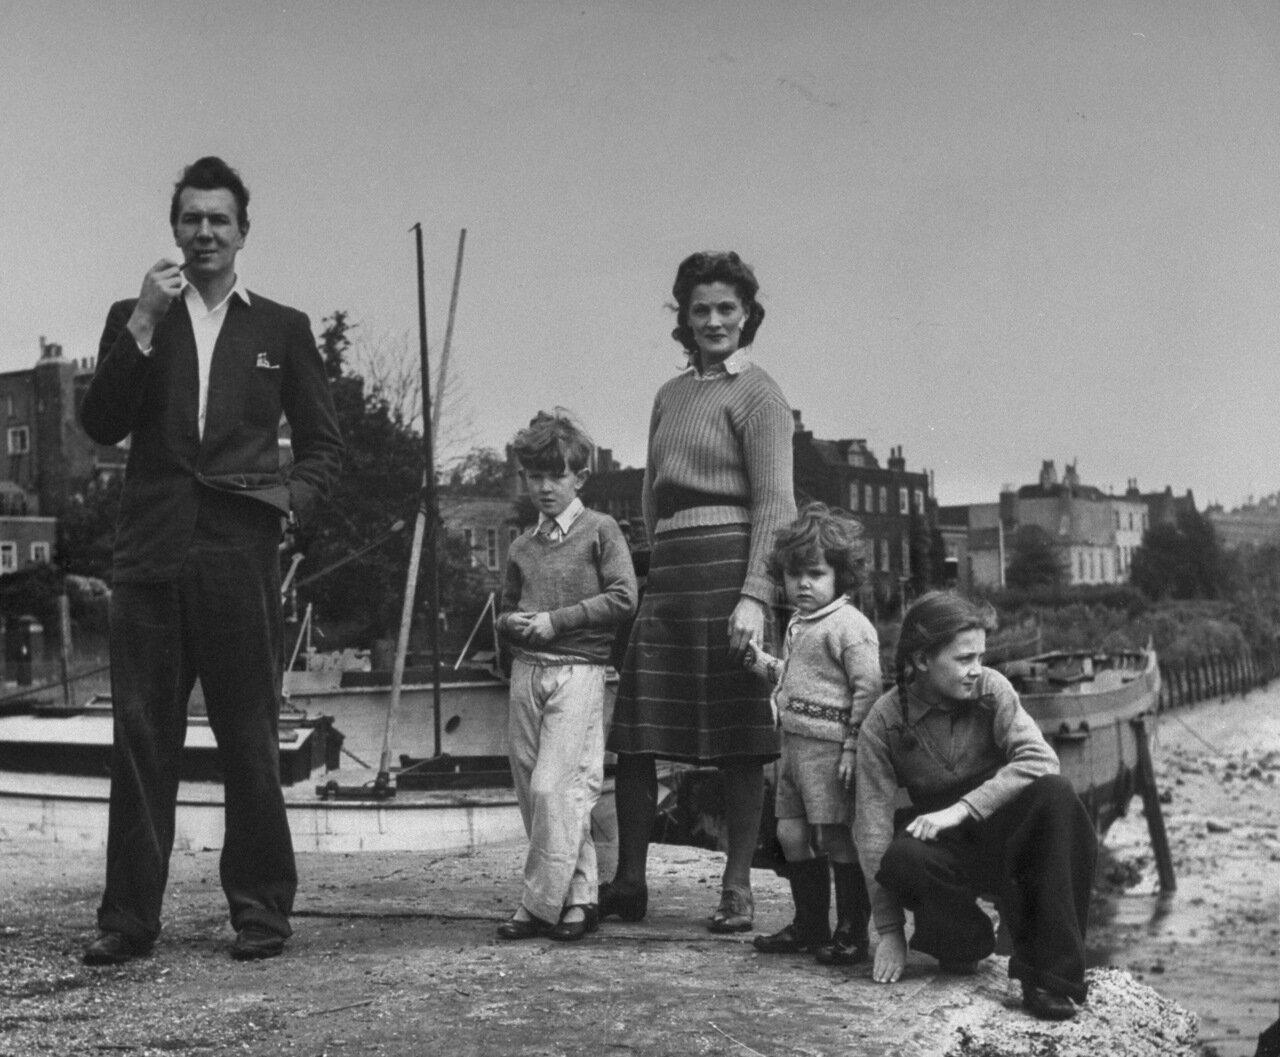 1946. Июнь. Актер Майкл Редгрэйв с женой Рэйчел Кемпсон и детьми Корином, Ванессой и Линн на берегу Темзы около их дома.